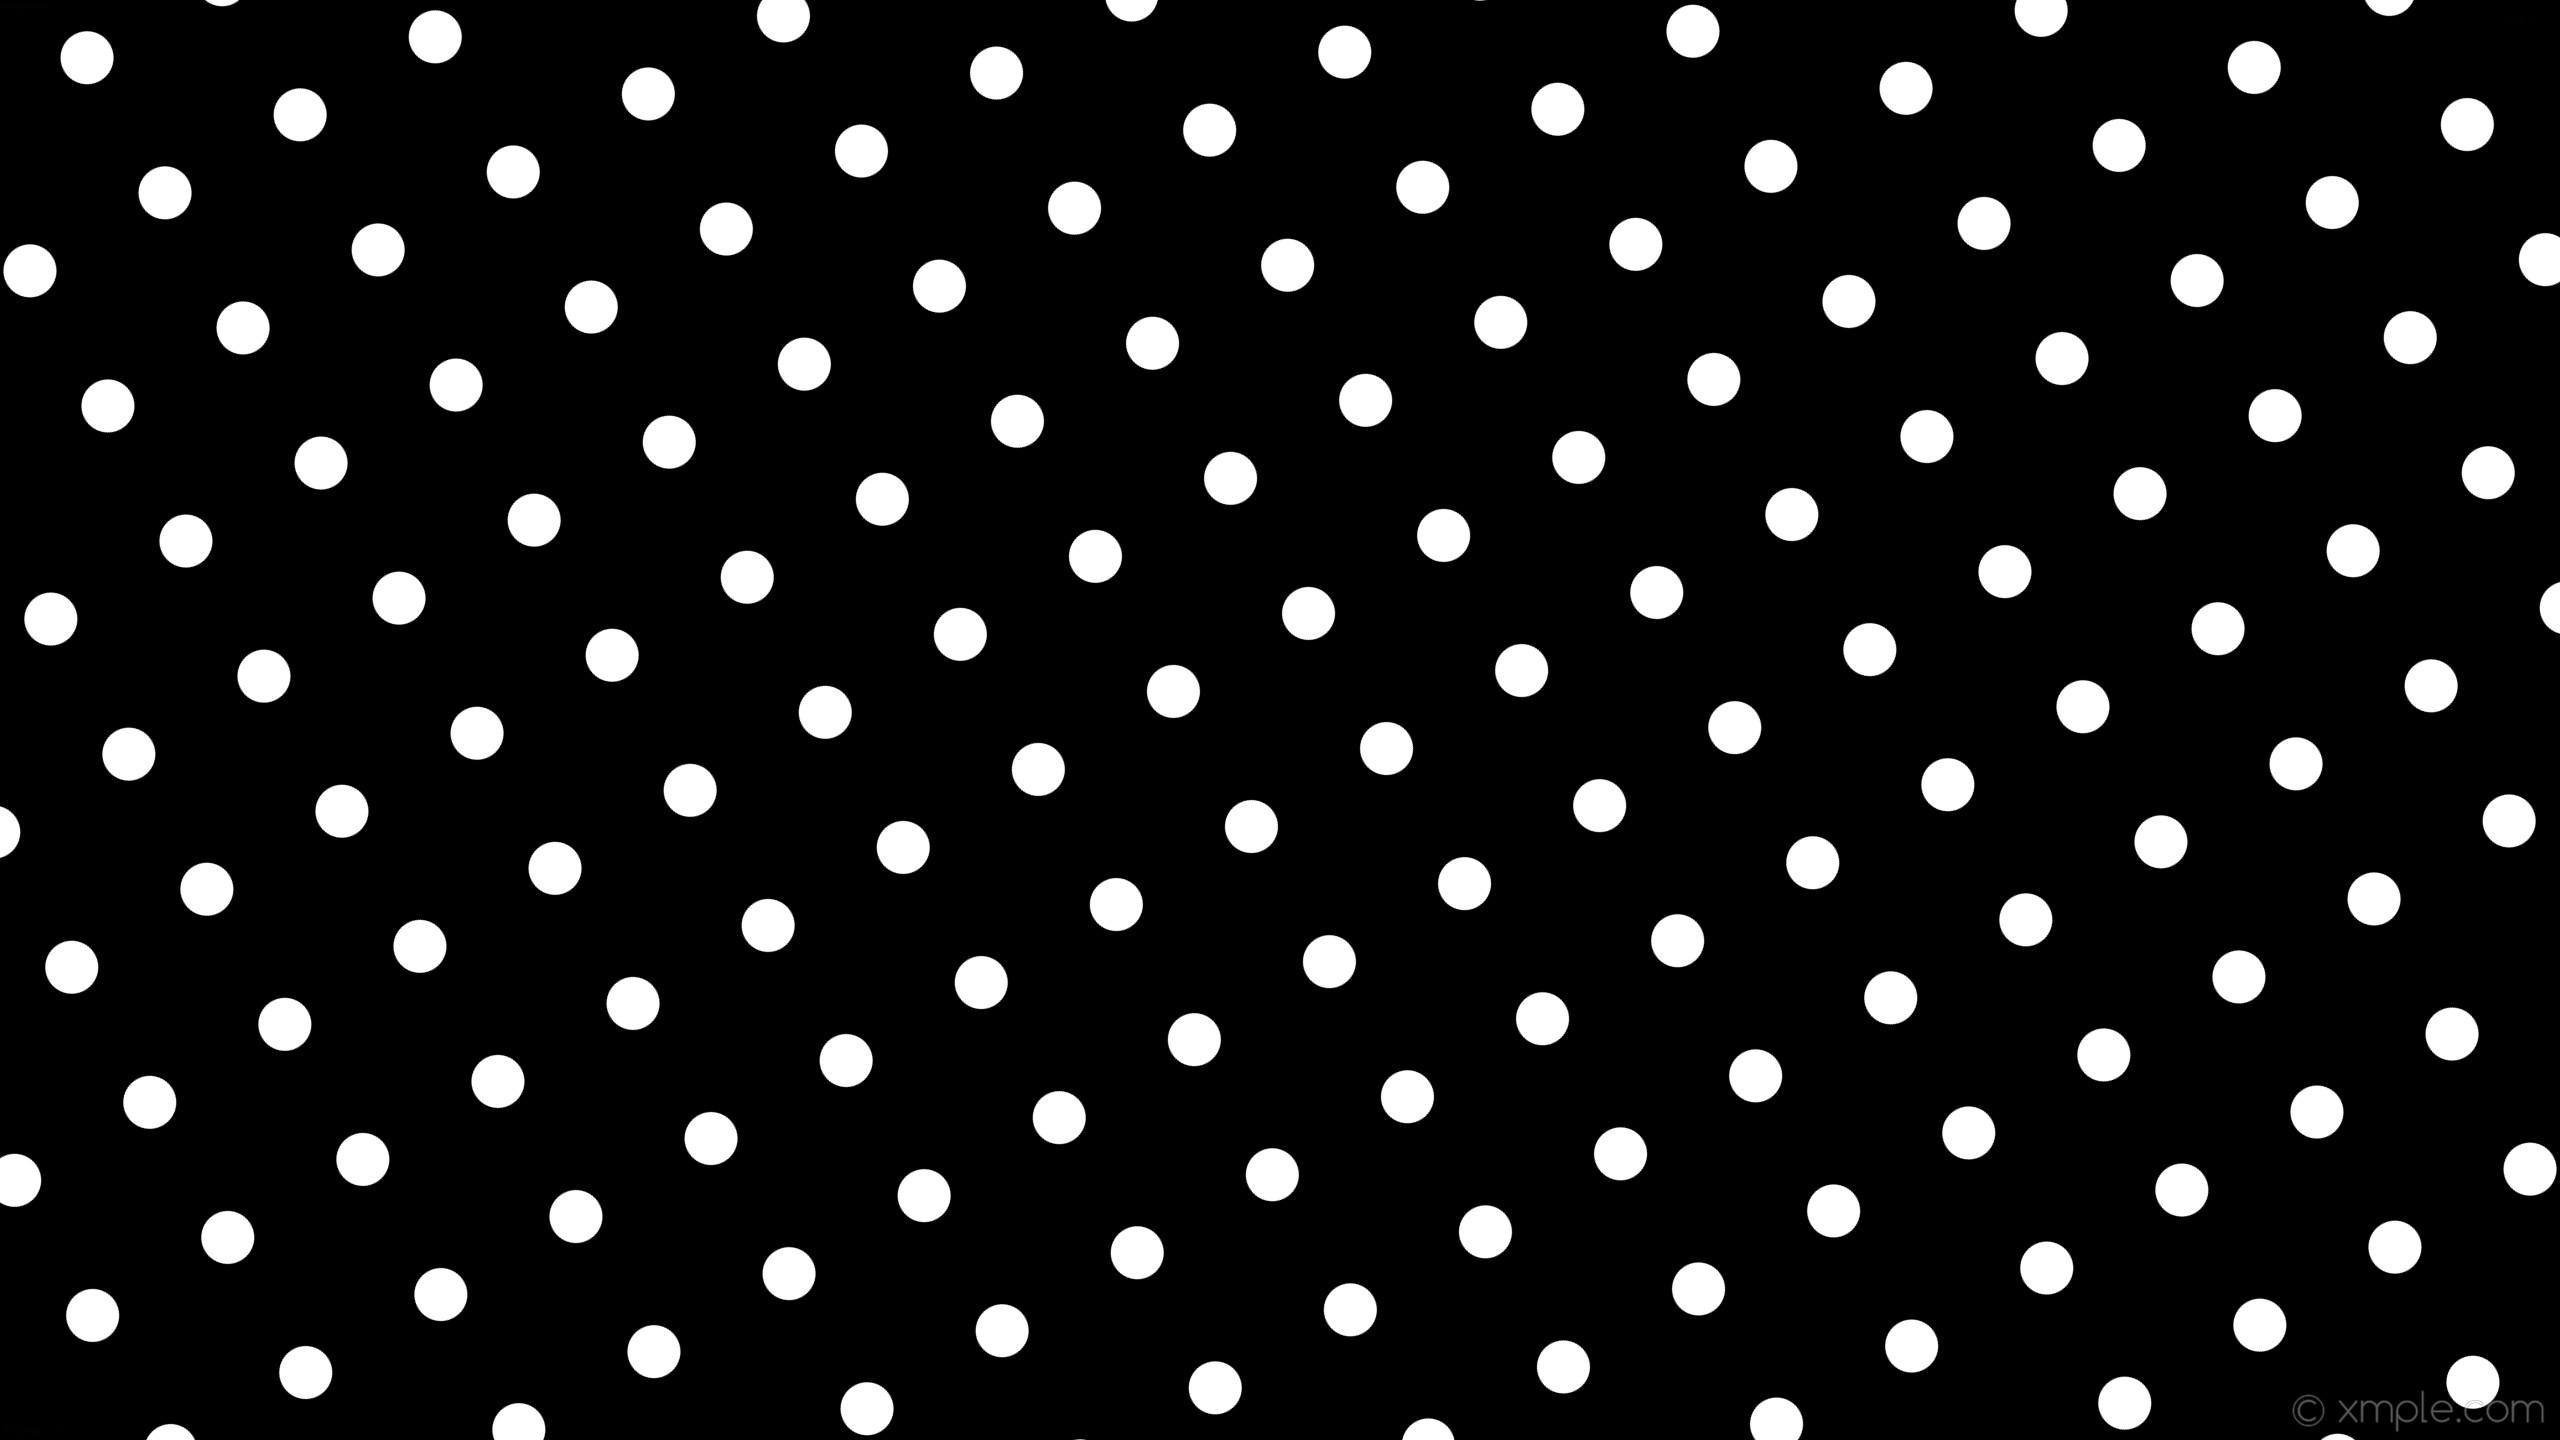 wallpaper spots black white polka dots #000000 #ffffff 300° 53px 156px